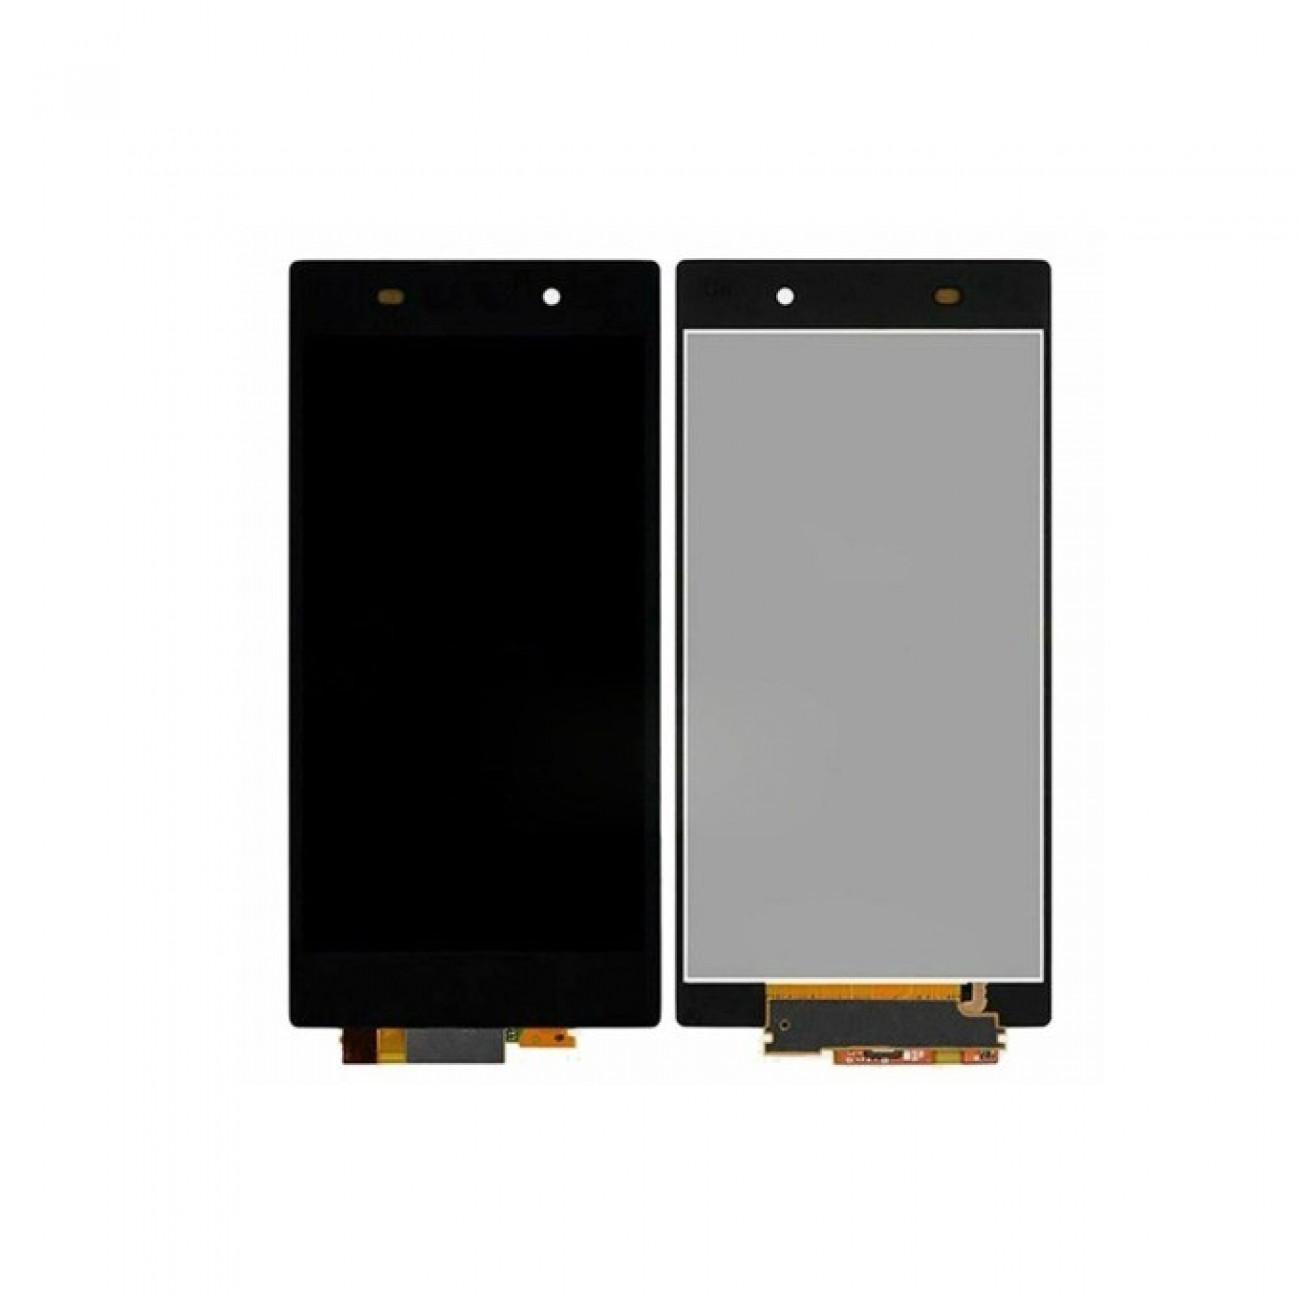 Дисплей за Sony Xperia Z1/L39H/C6903, LCD Original, черен в Резервни части -  | Alleop